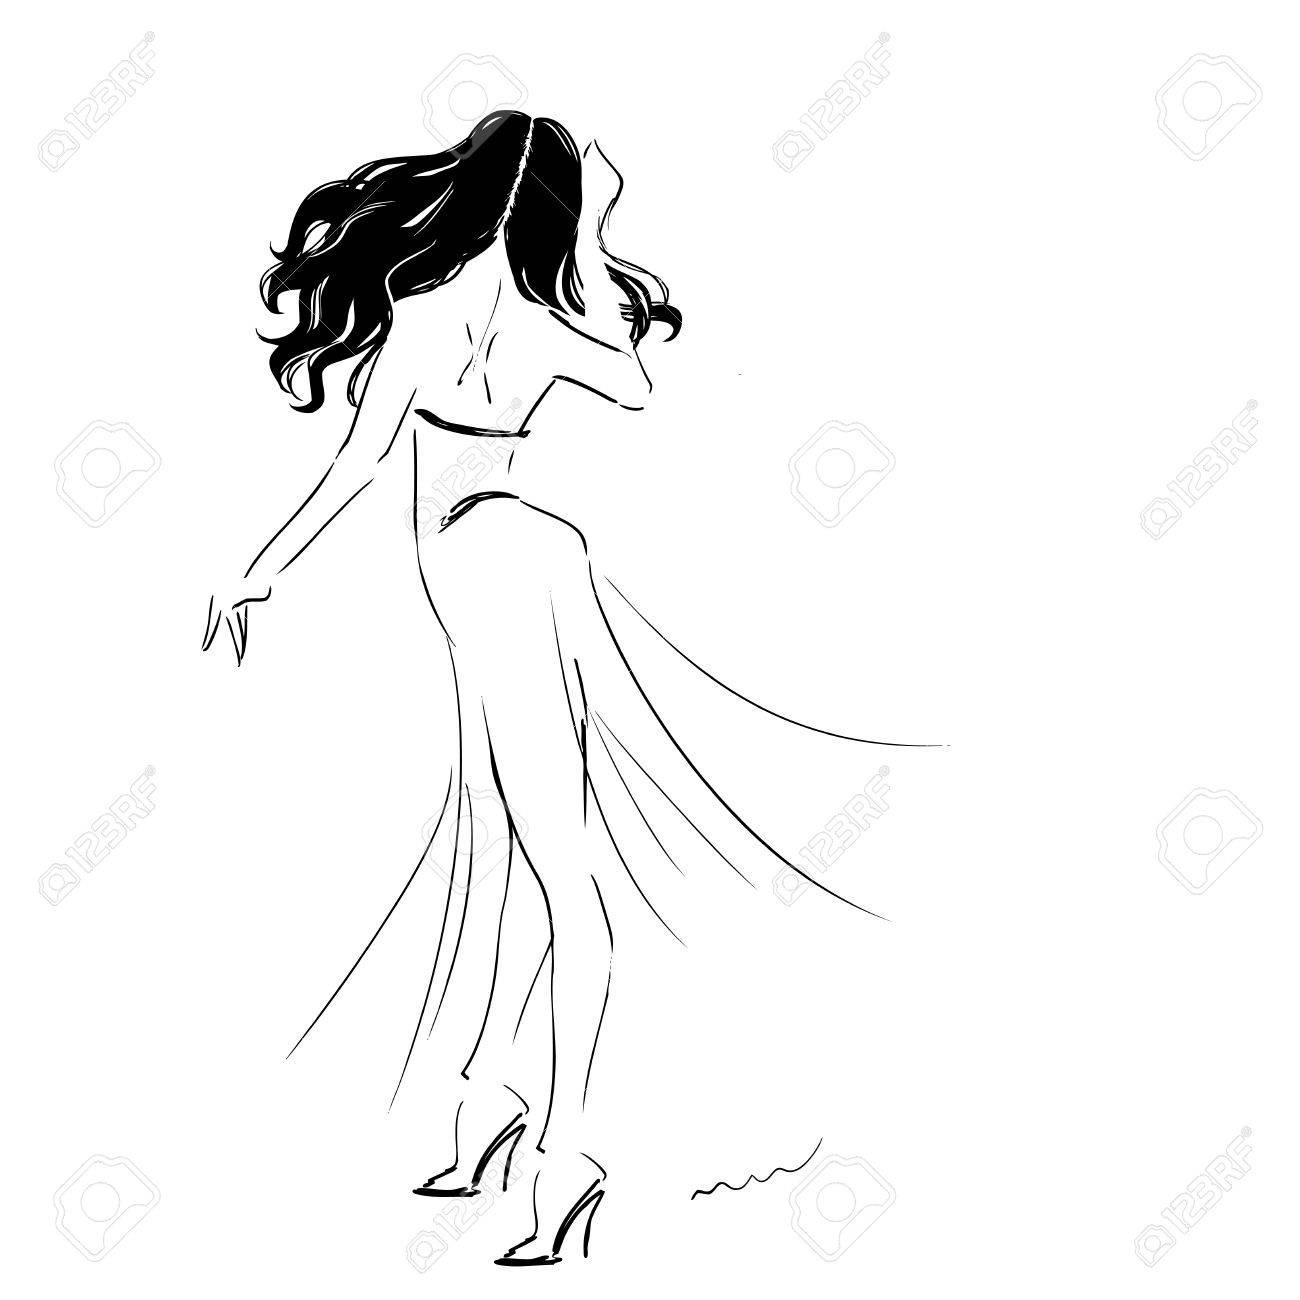 写真素材 , 長いドレスを着て踊る女性のシルエット。女の子ダンス情熱的なスペイン語 flamenko。情熱と動き。ベクター手書きイラスト。